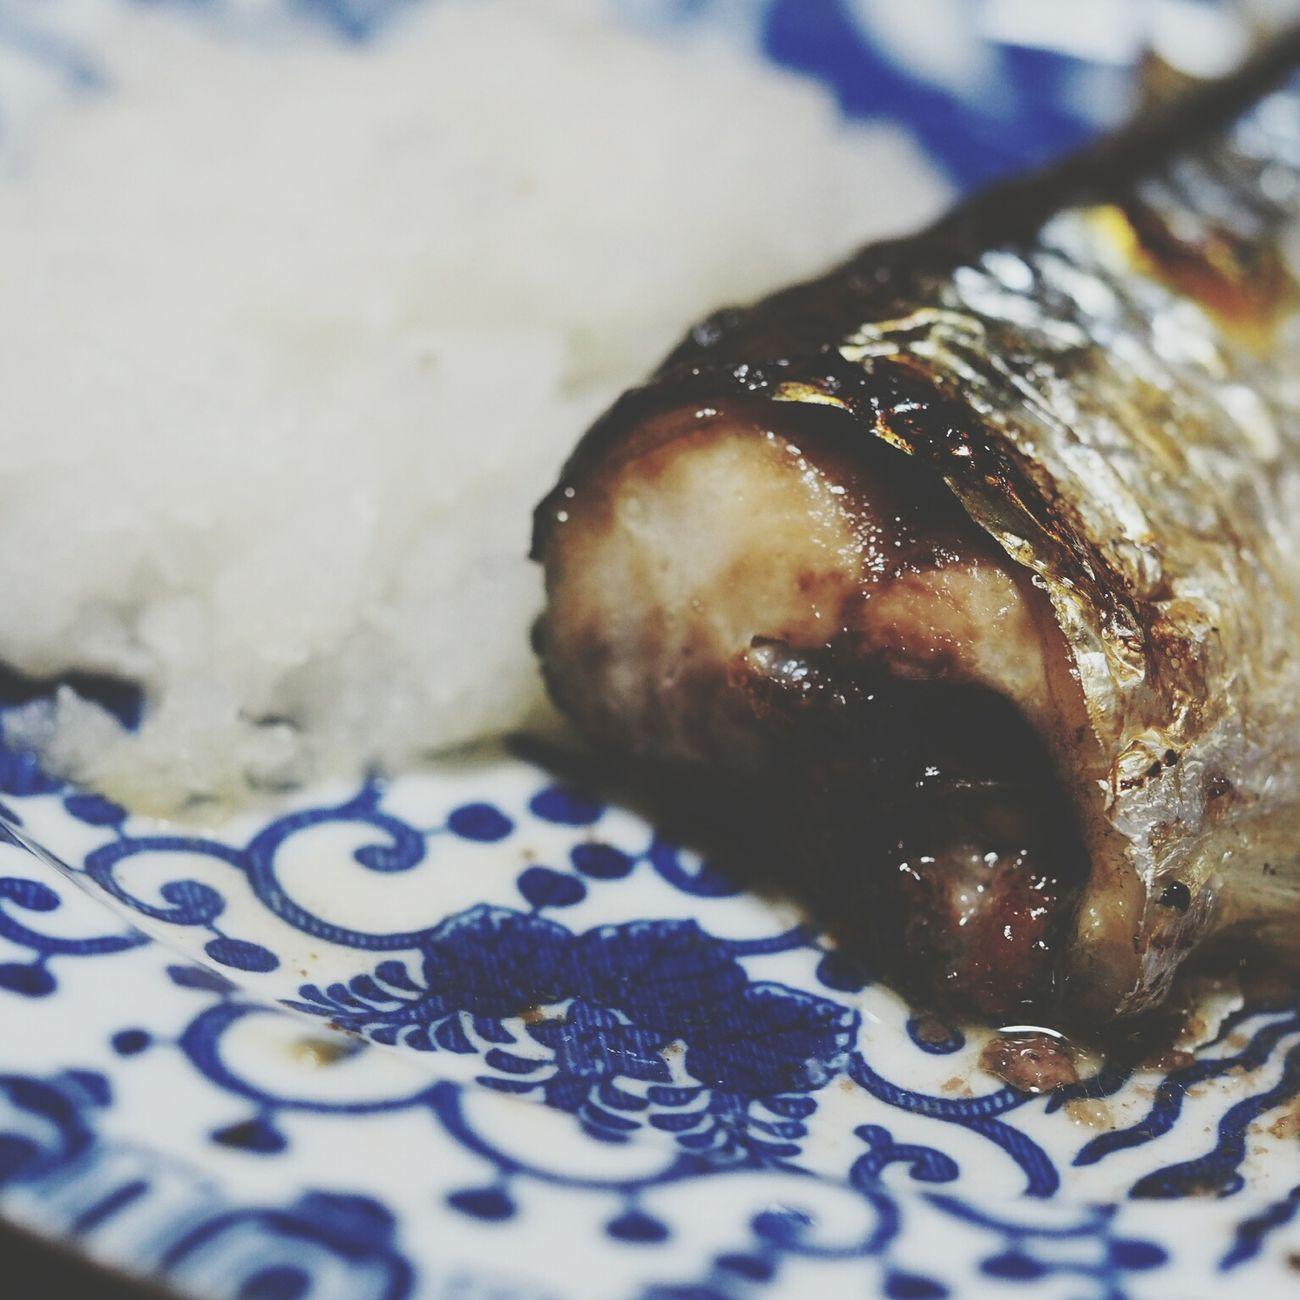 秋刀魚 Fish Enjoying A Meal Foodporn Foodphotography Food In My Mouf Yummy Foodstagram Foodgram Macro Foodgasm Taking Photos Talking Pictures